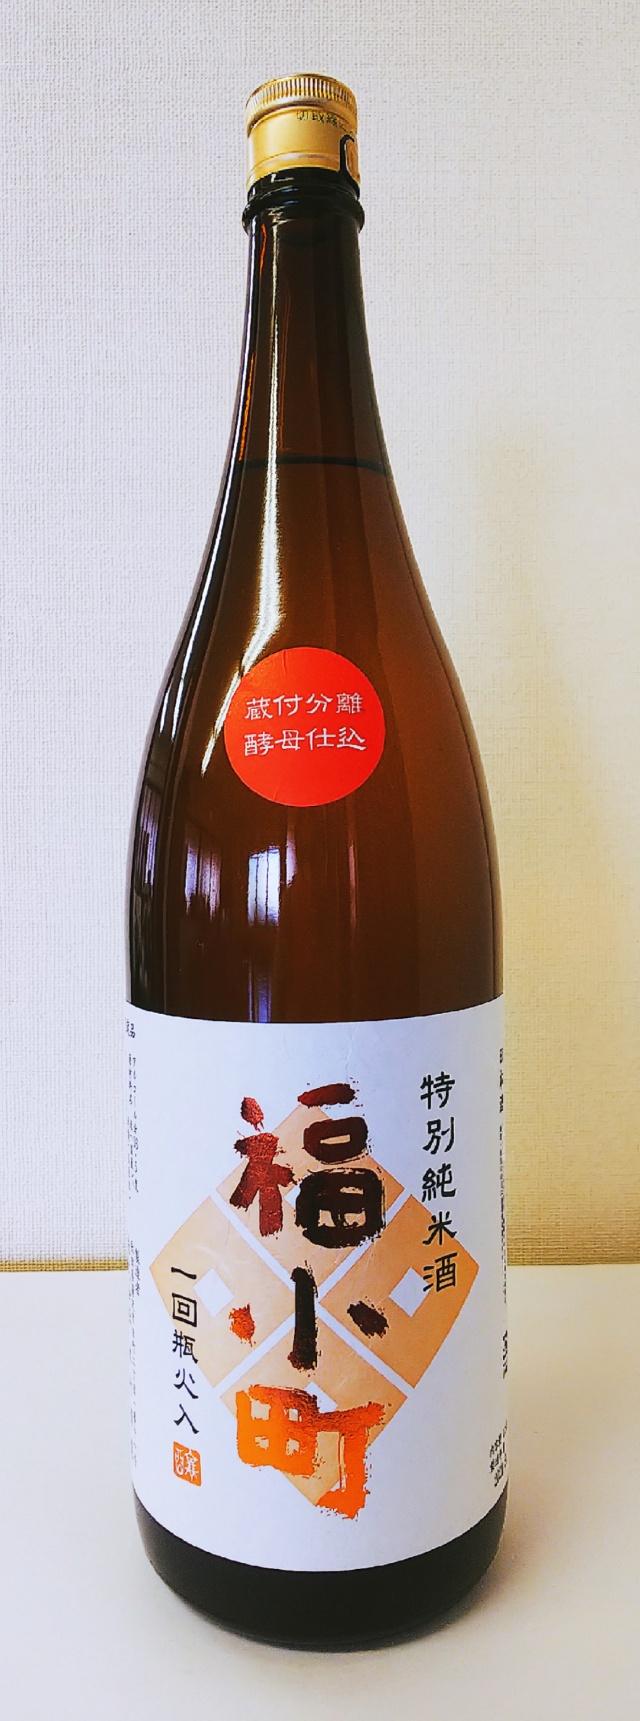 【数量限定!】福小町 特別純米 蔵付55 (1.8L)